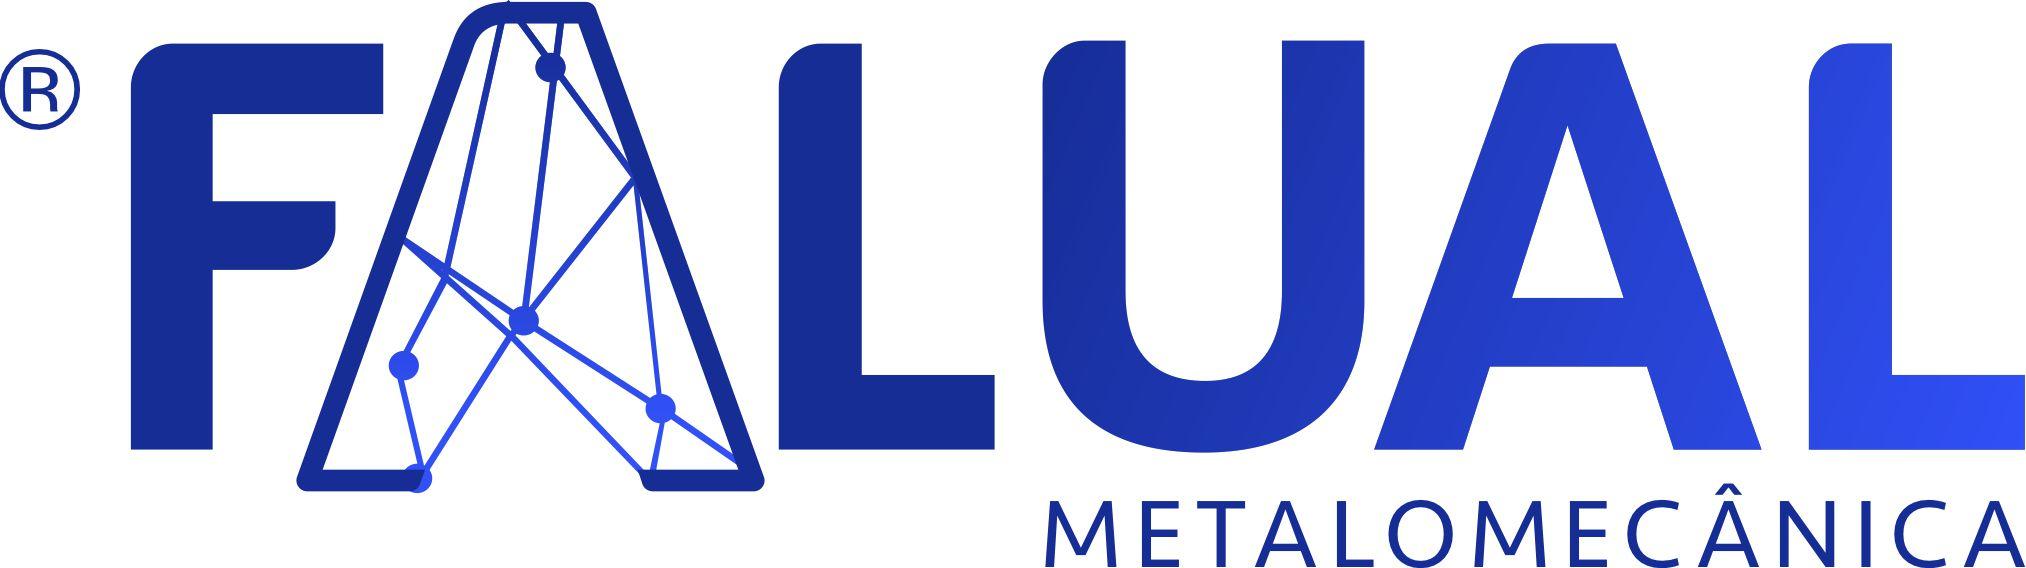 A Falual propõe uma prestação de serviços em regime de sub-contratação para os diversos sectores da indústria metalomecânica